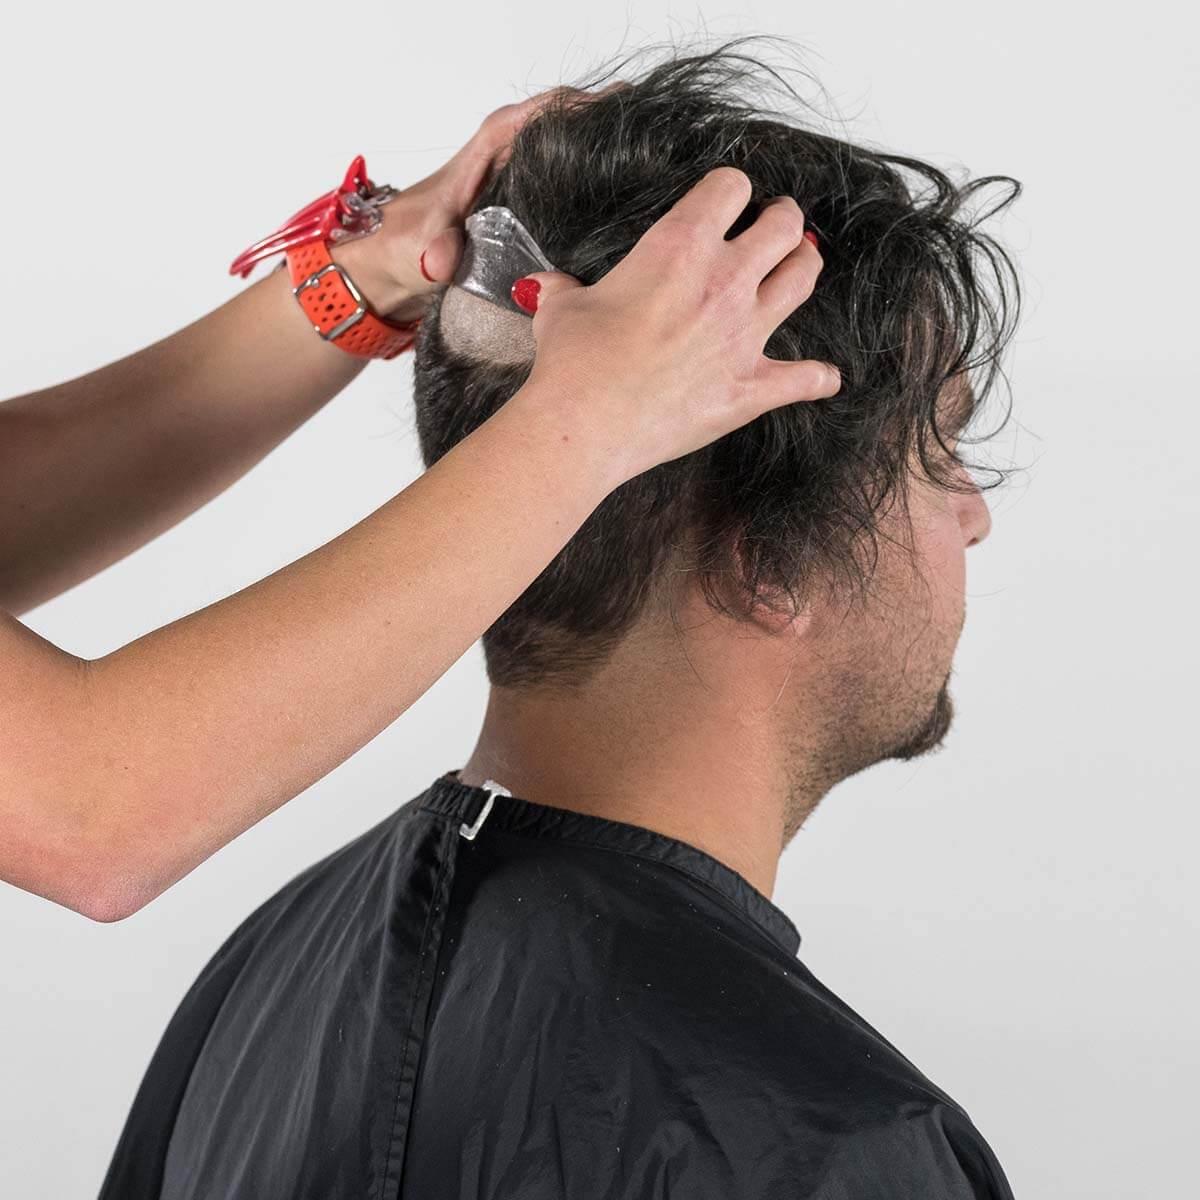 Befestigung des Haarersatzes am Hinterkopf